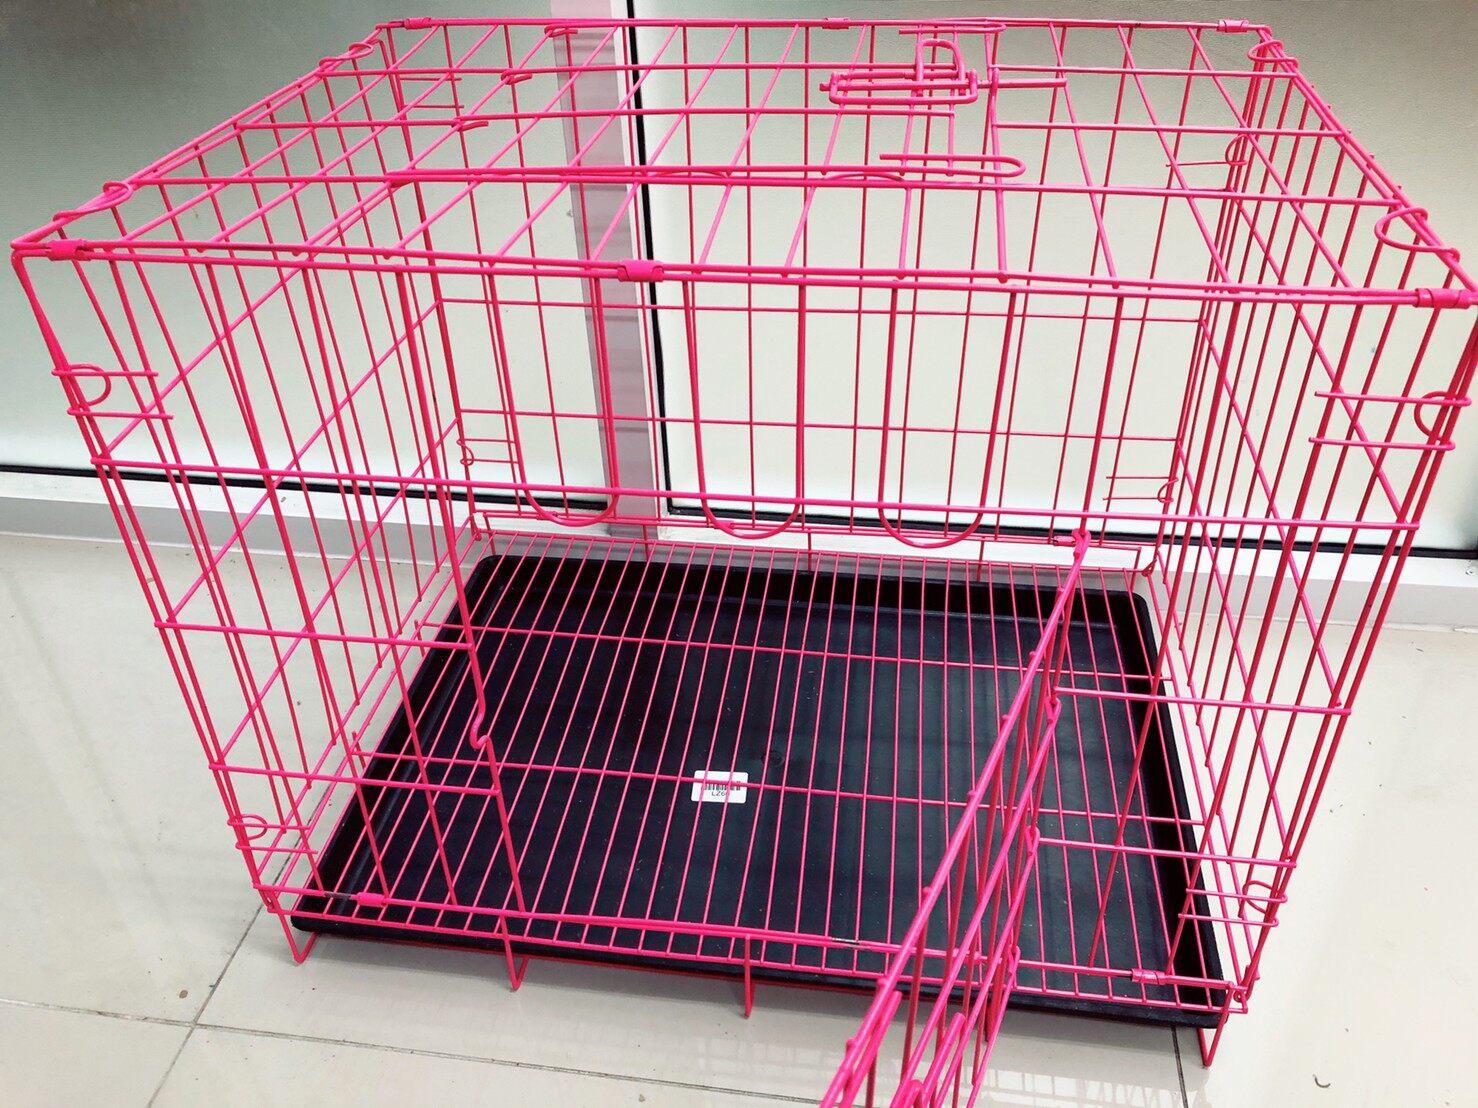 กรงสุนัข กรงแมว กรงสัตว์เลี้ยง สามารถเปิดได้ฝาบน มีถาด สีดำ ขนาด 60*42*50 CM สินค้าพร้อมส่ง